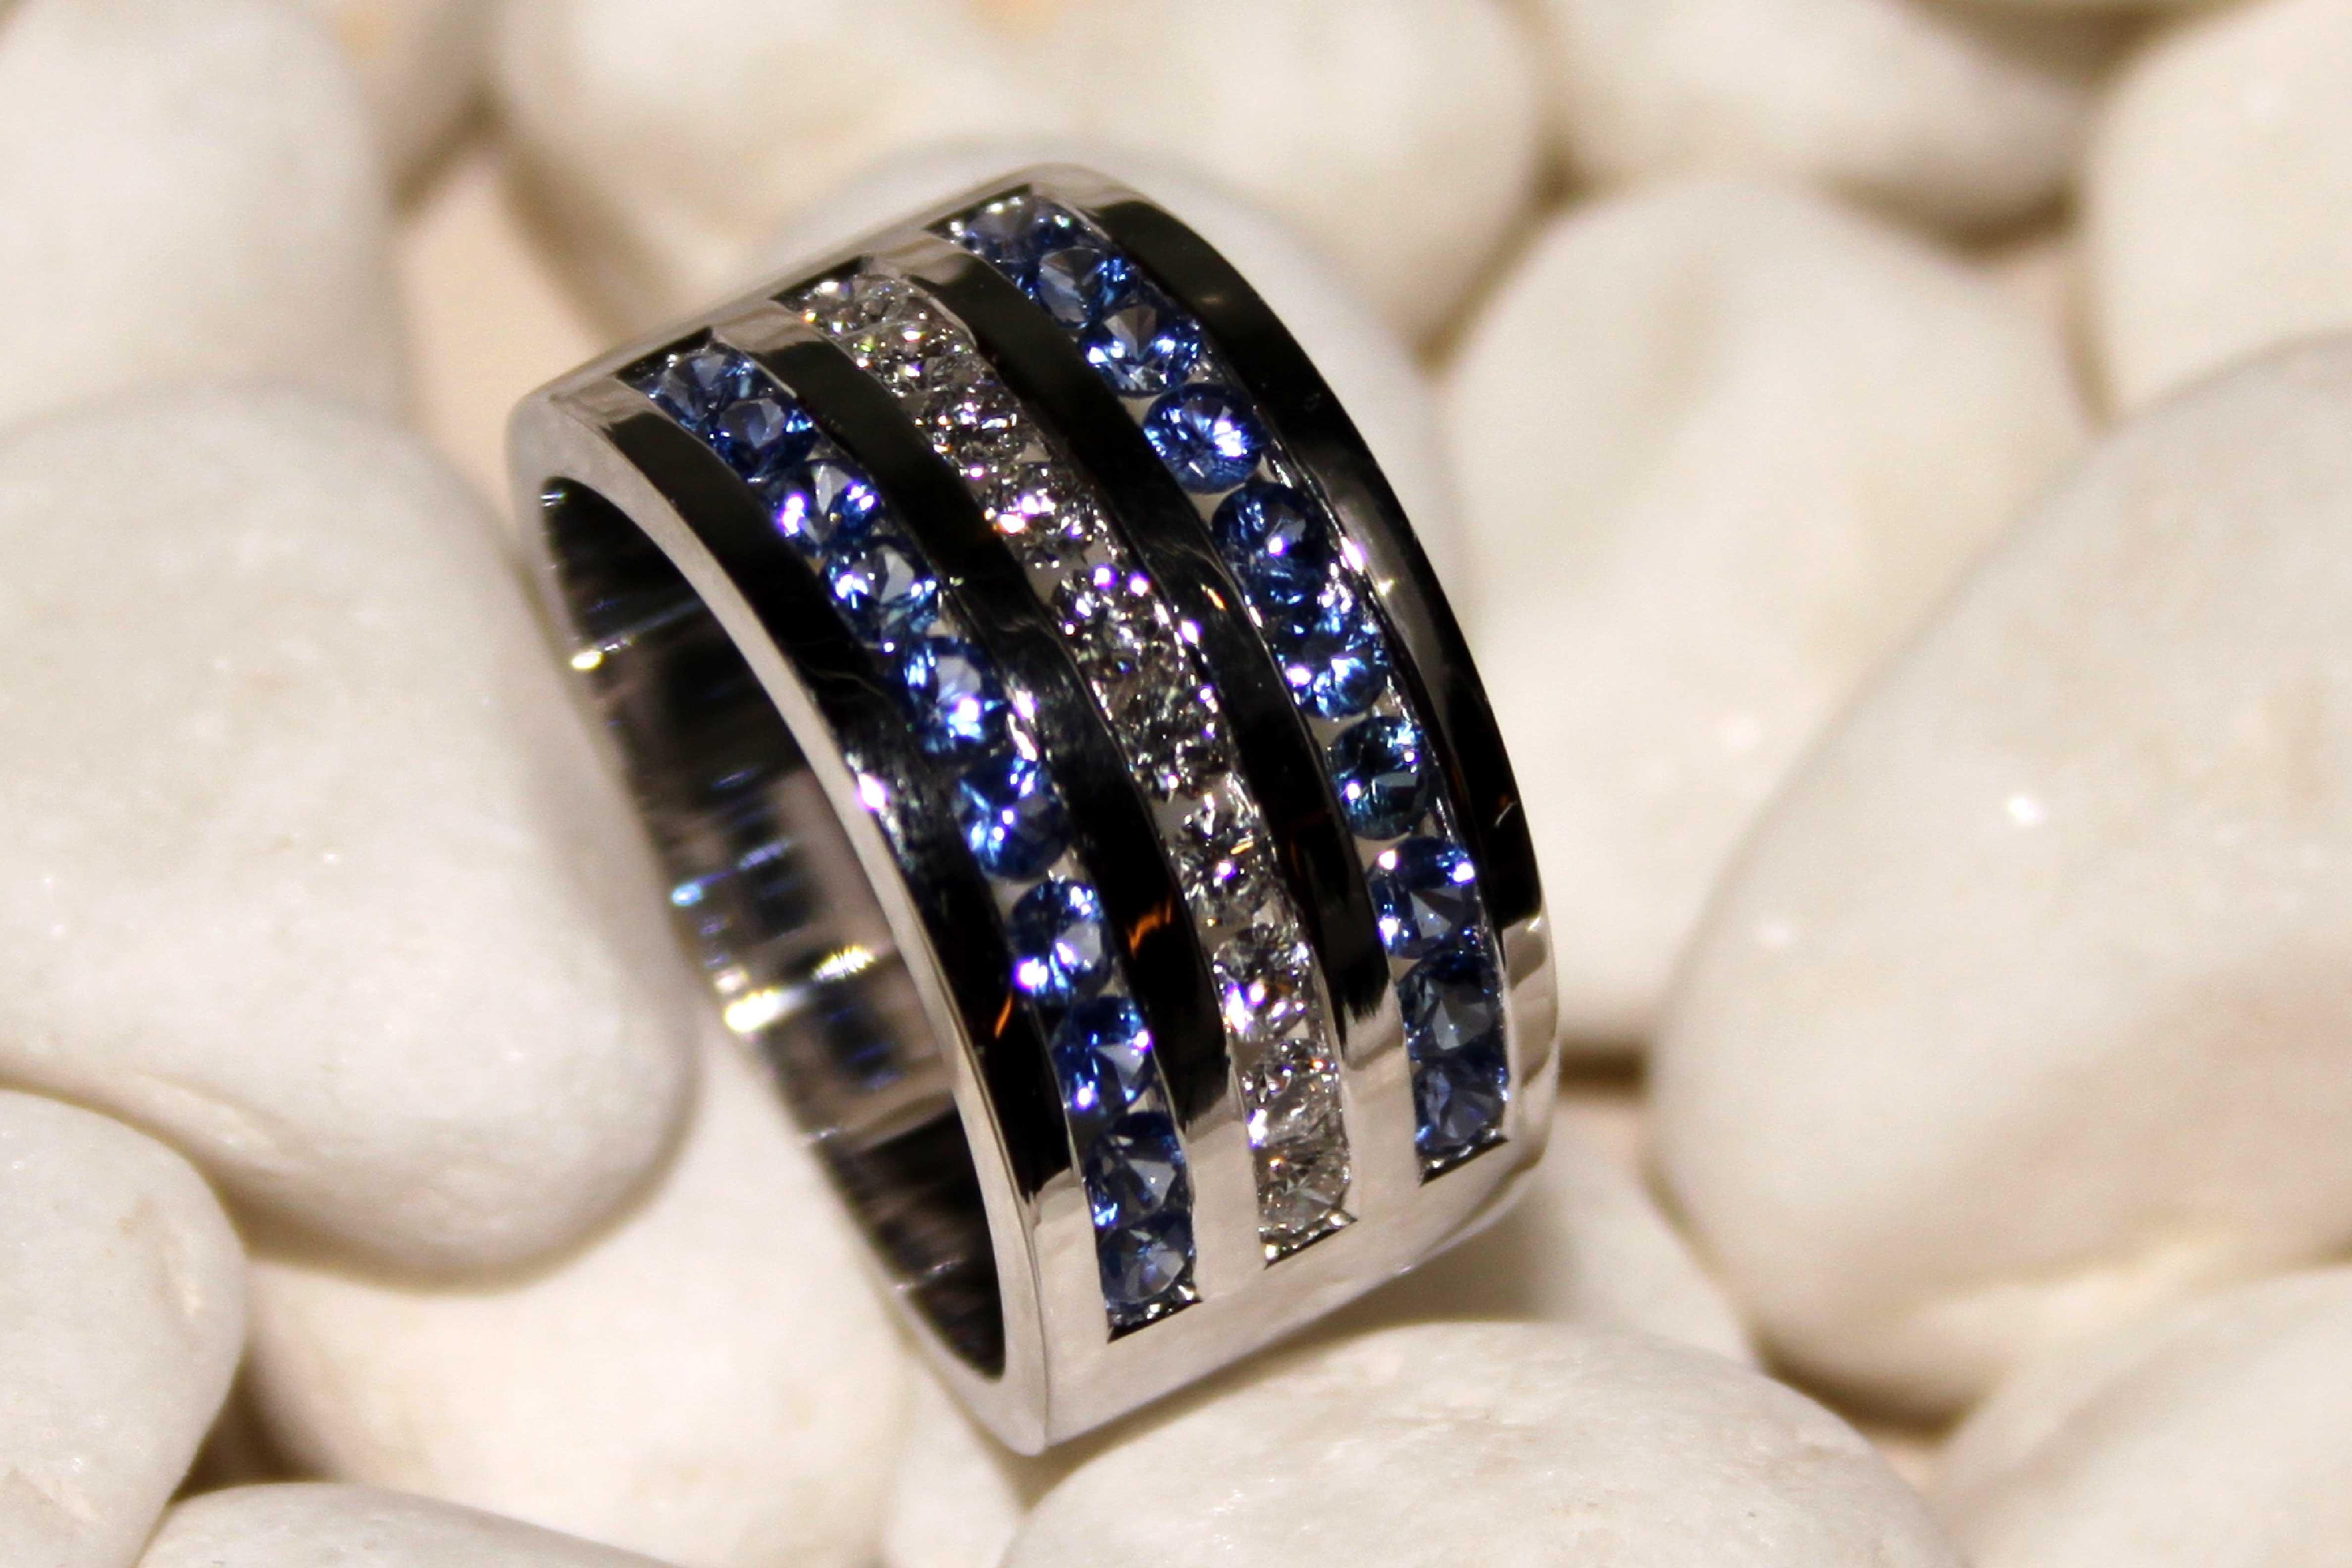 f21e933b1ec2 Joyas personalizadas. Un anillo por encargo. - Joyería Oriol Agorreta